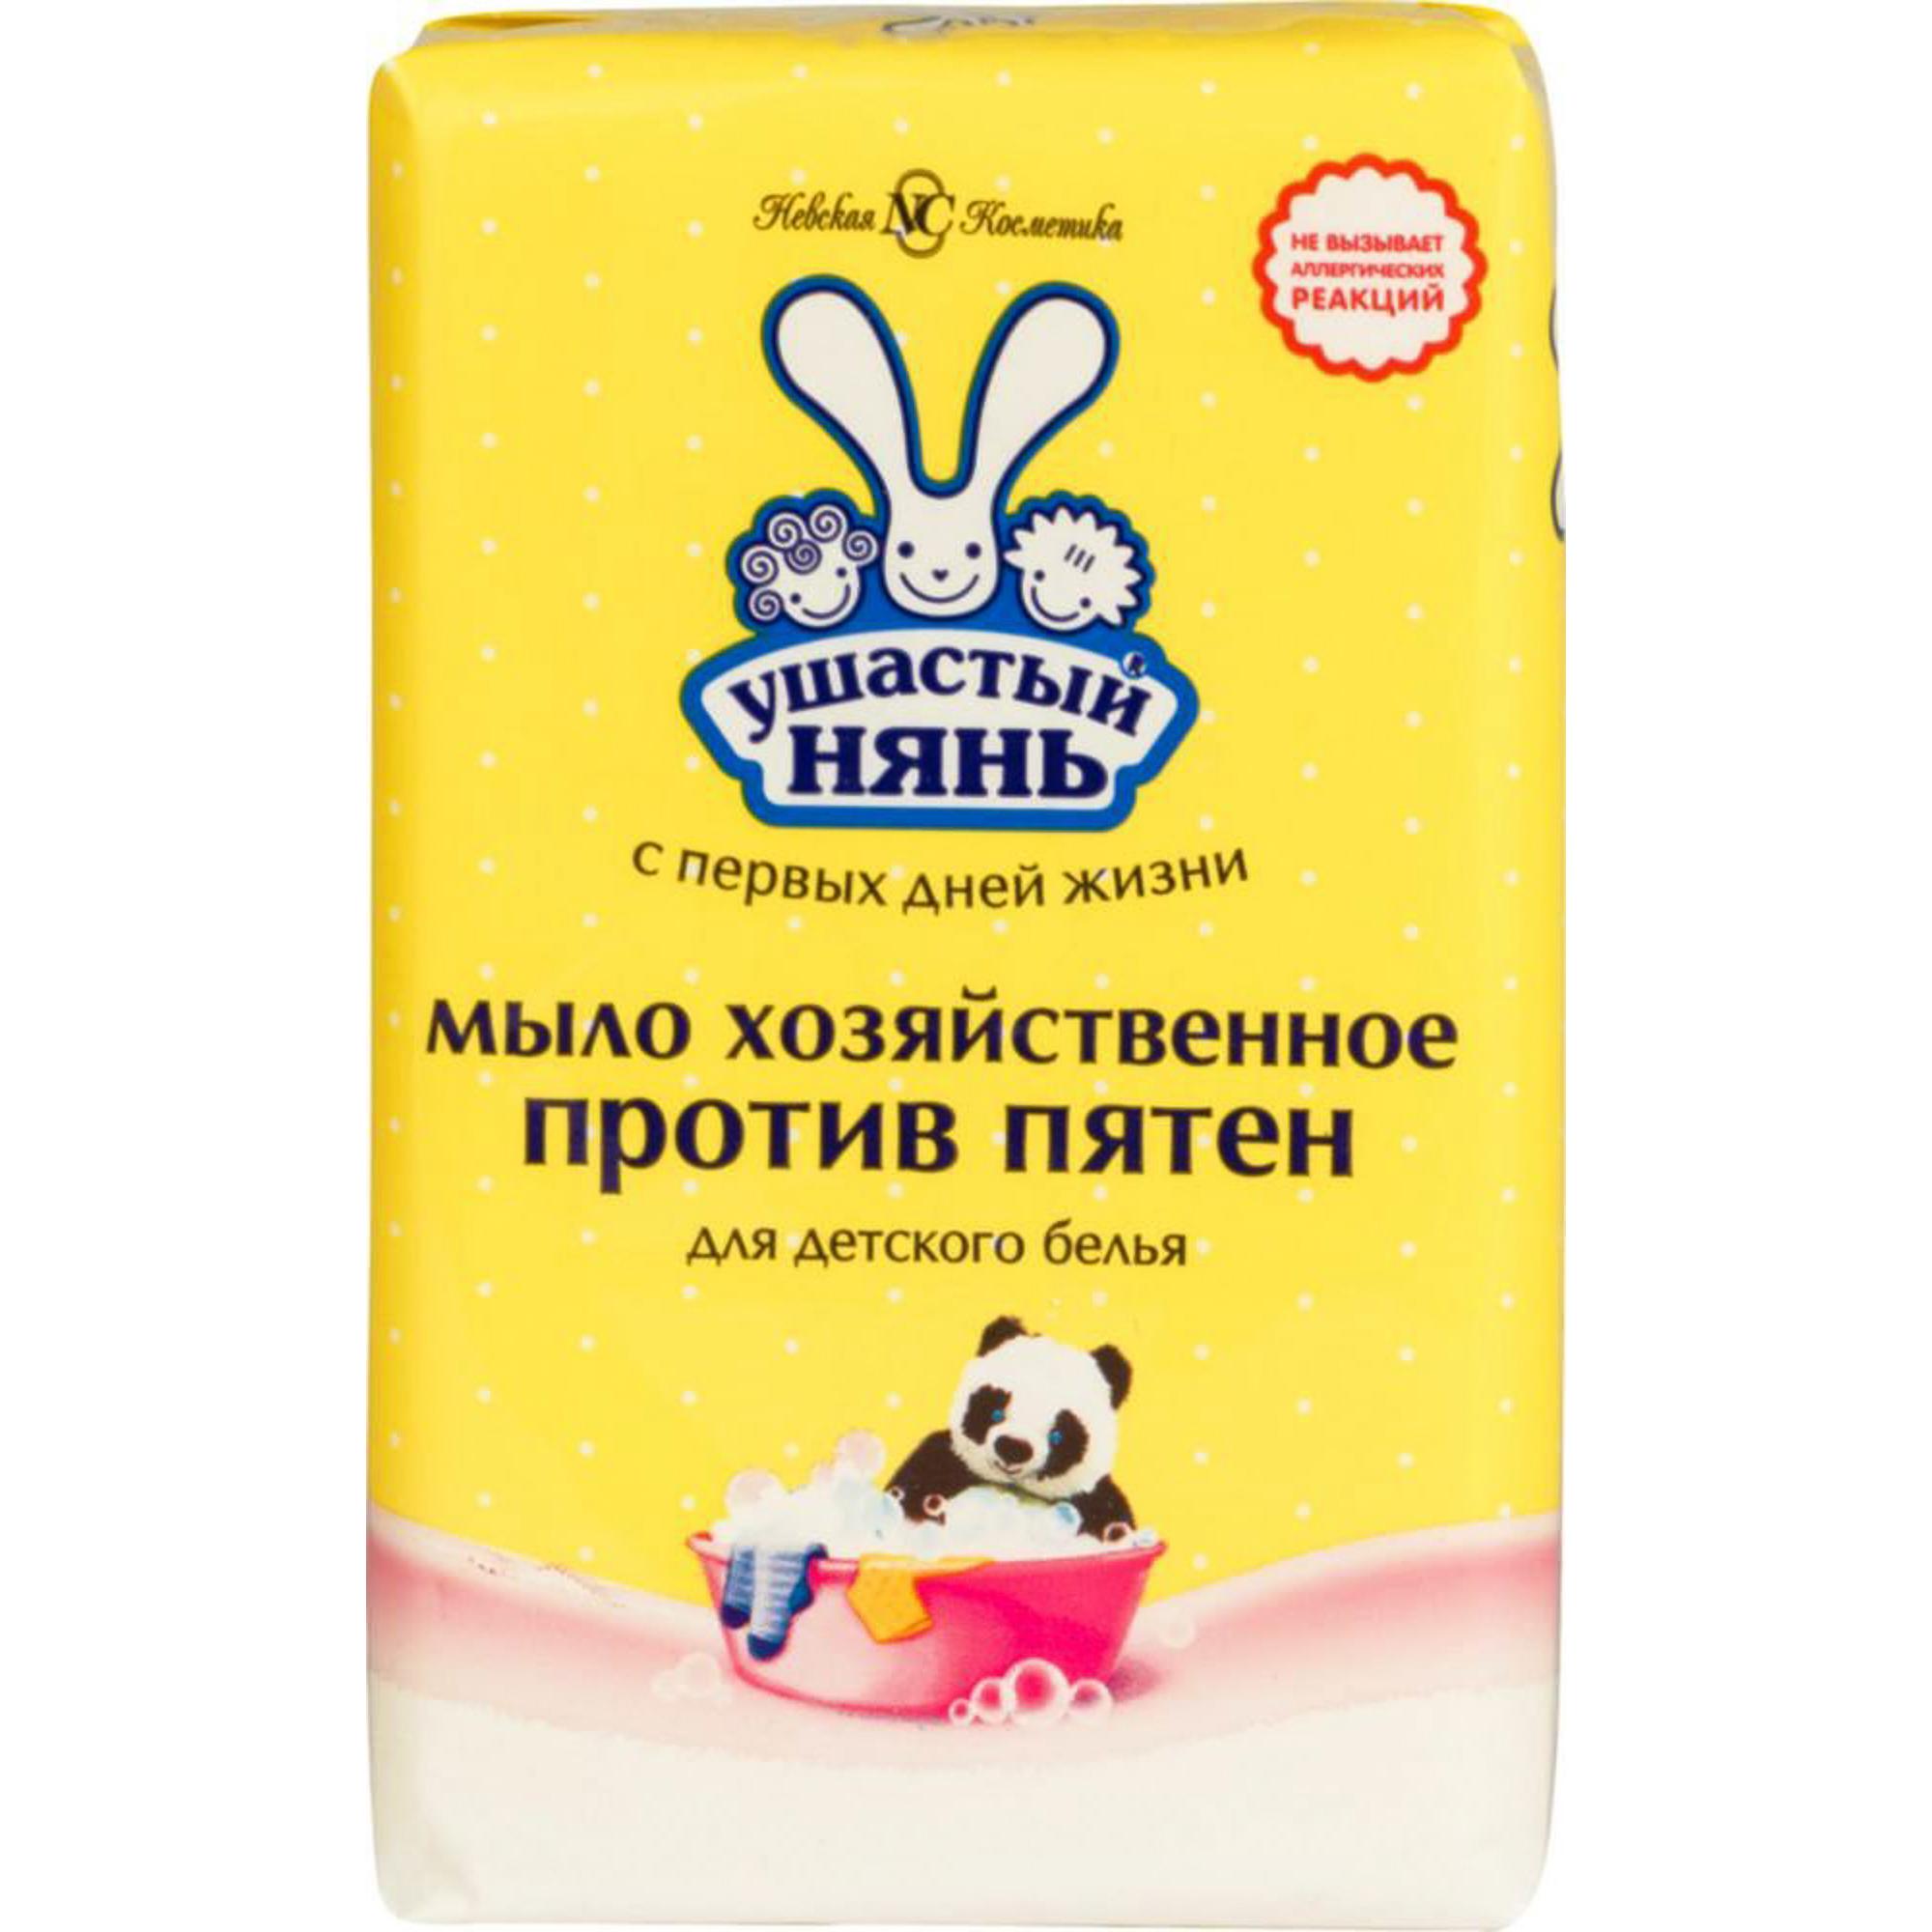 Хозяйственное мыло Ушастый нянь Против пятен 180 г фото